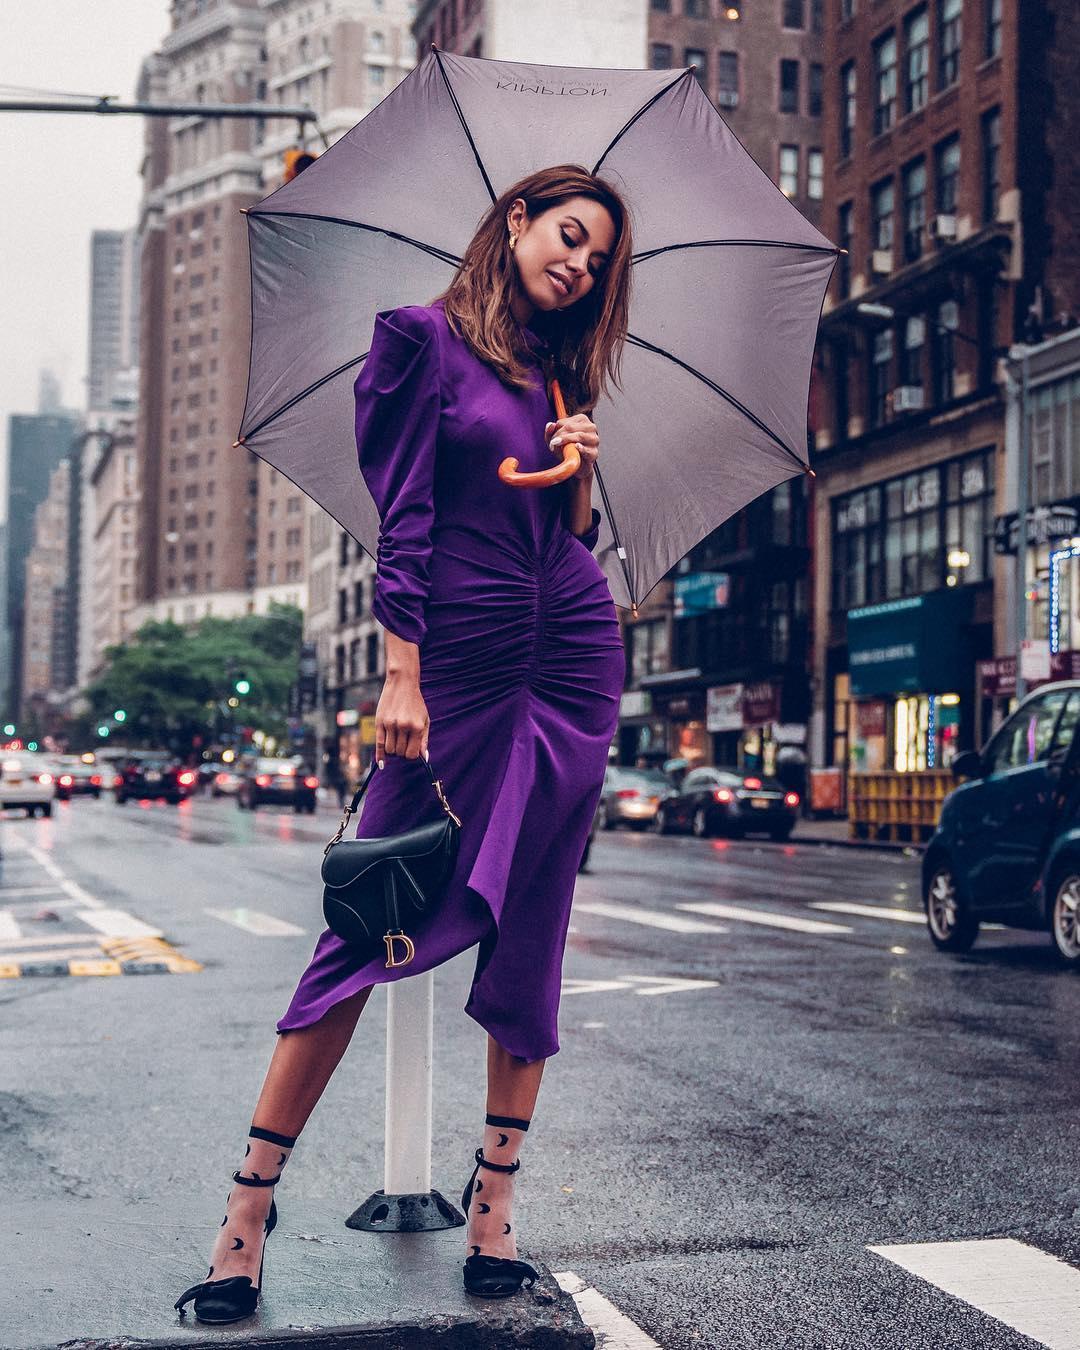 Модные весенние платья 2019 с широкими рукавами _43